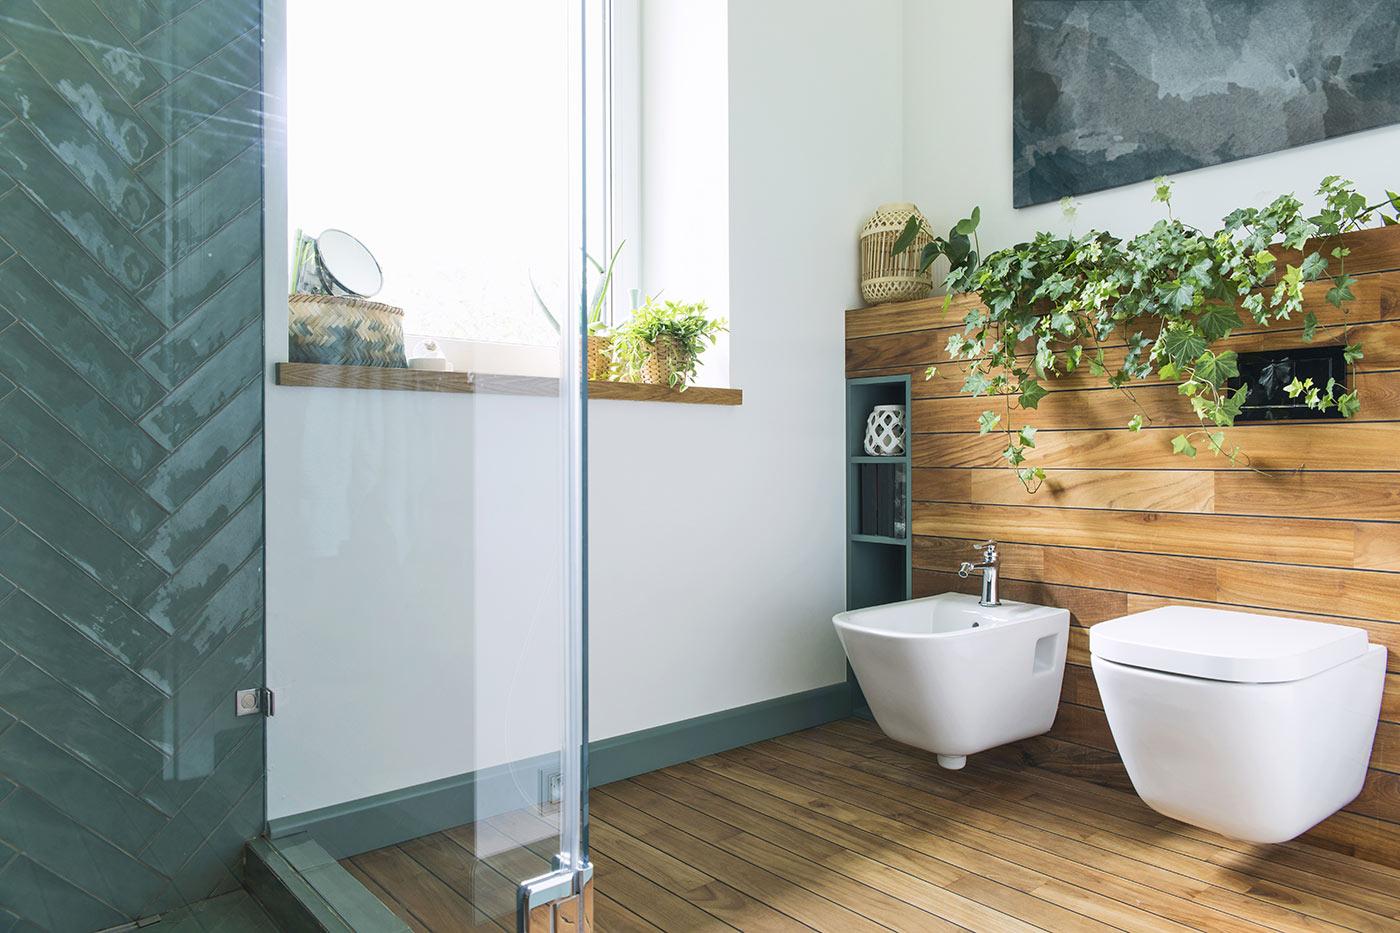 Soluzioni di arredo per il bagno